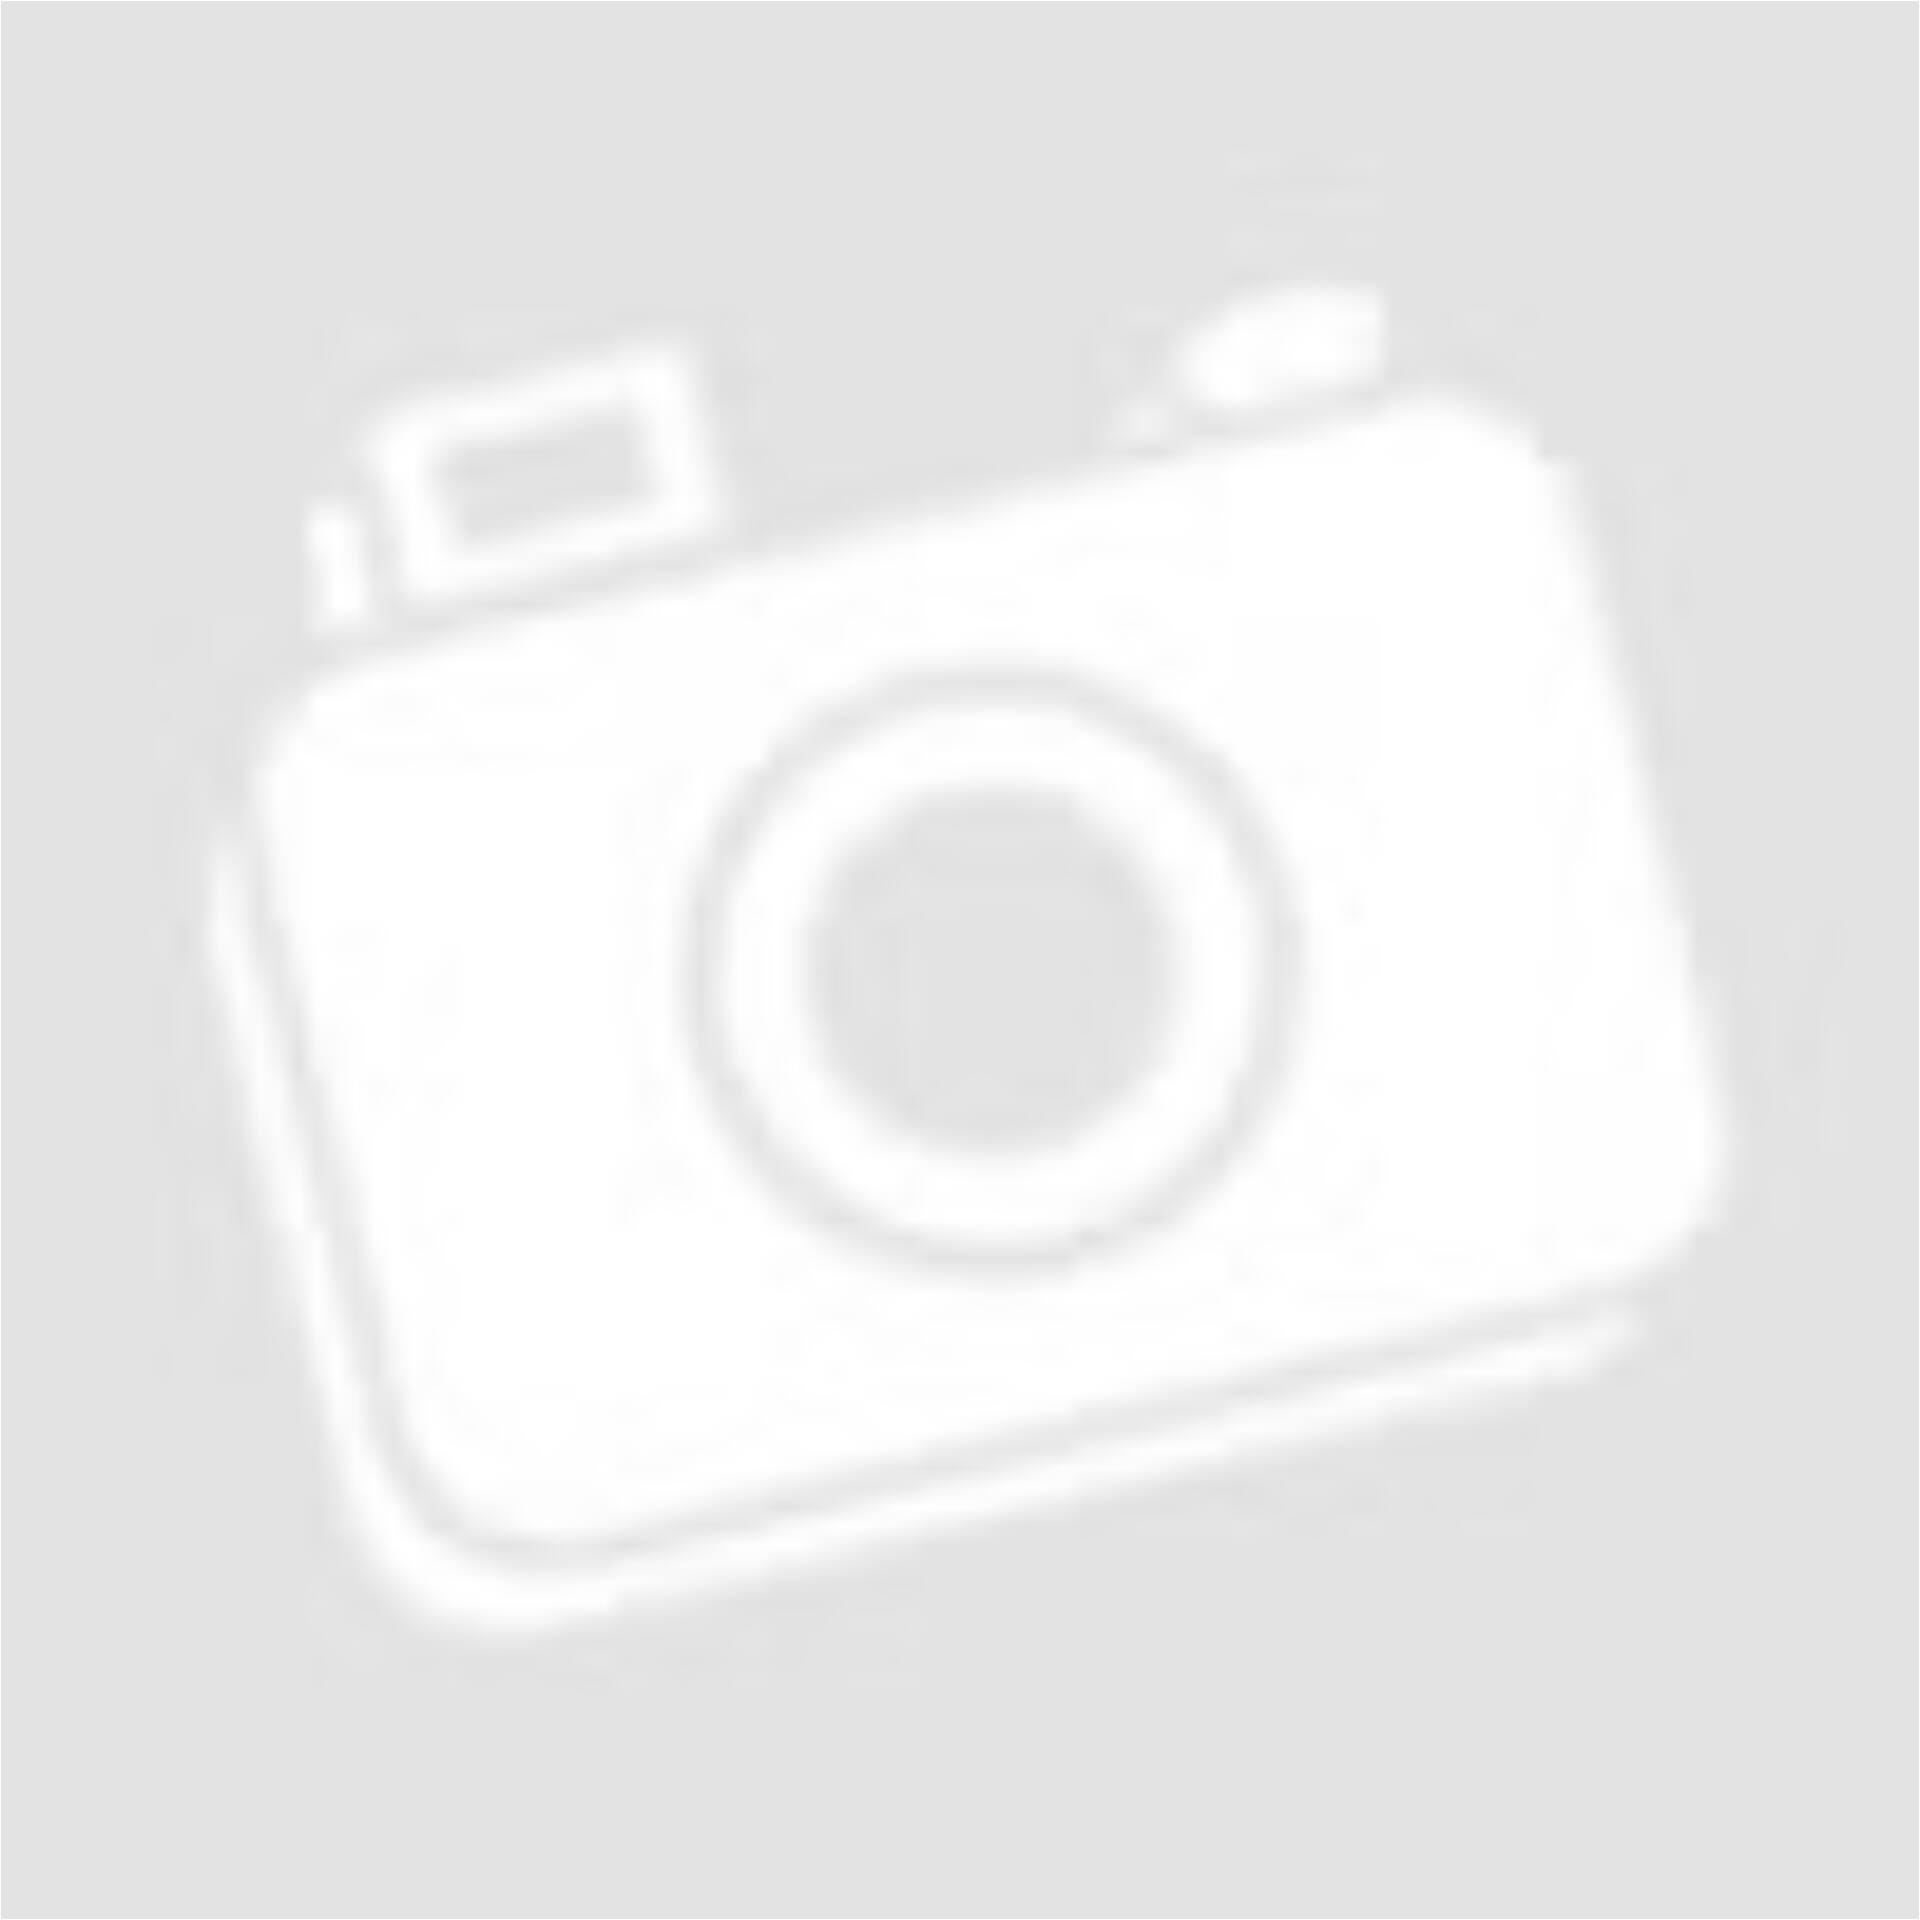 c4e6110f38 CC FASHION kék, narancs mintás ruha(Méret: L) - Alkalmi ruha ...